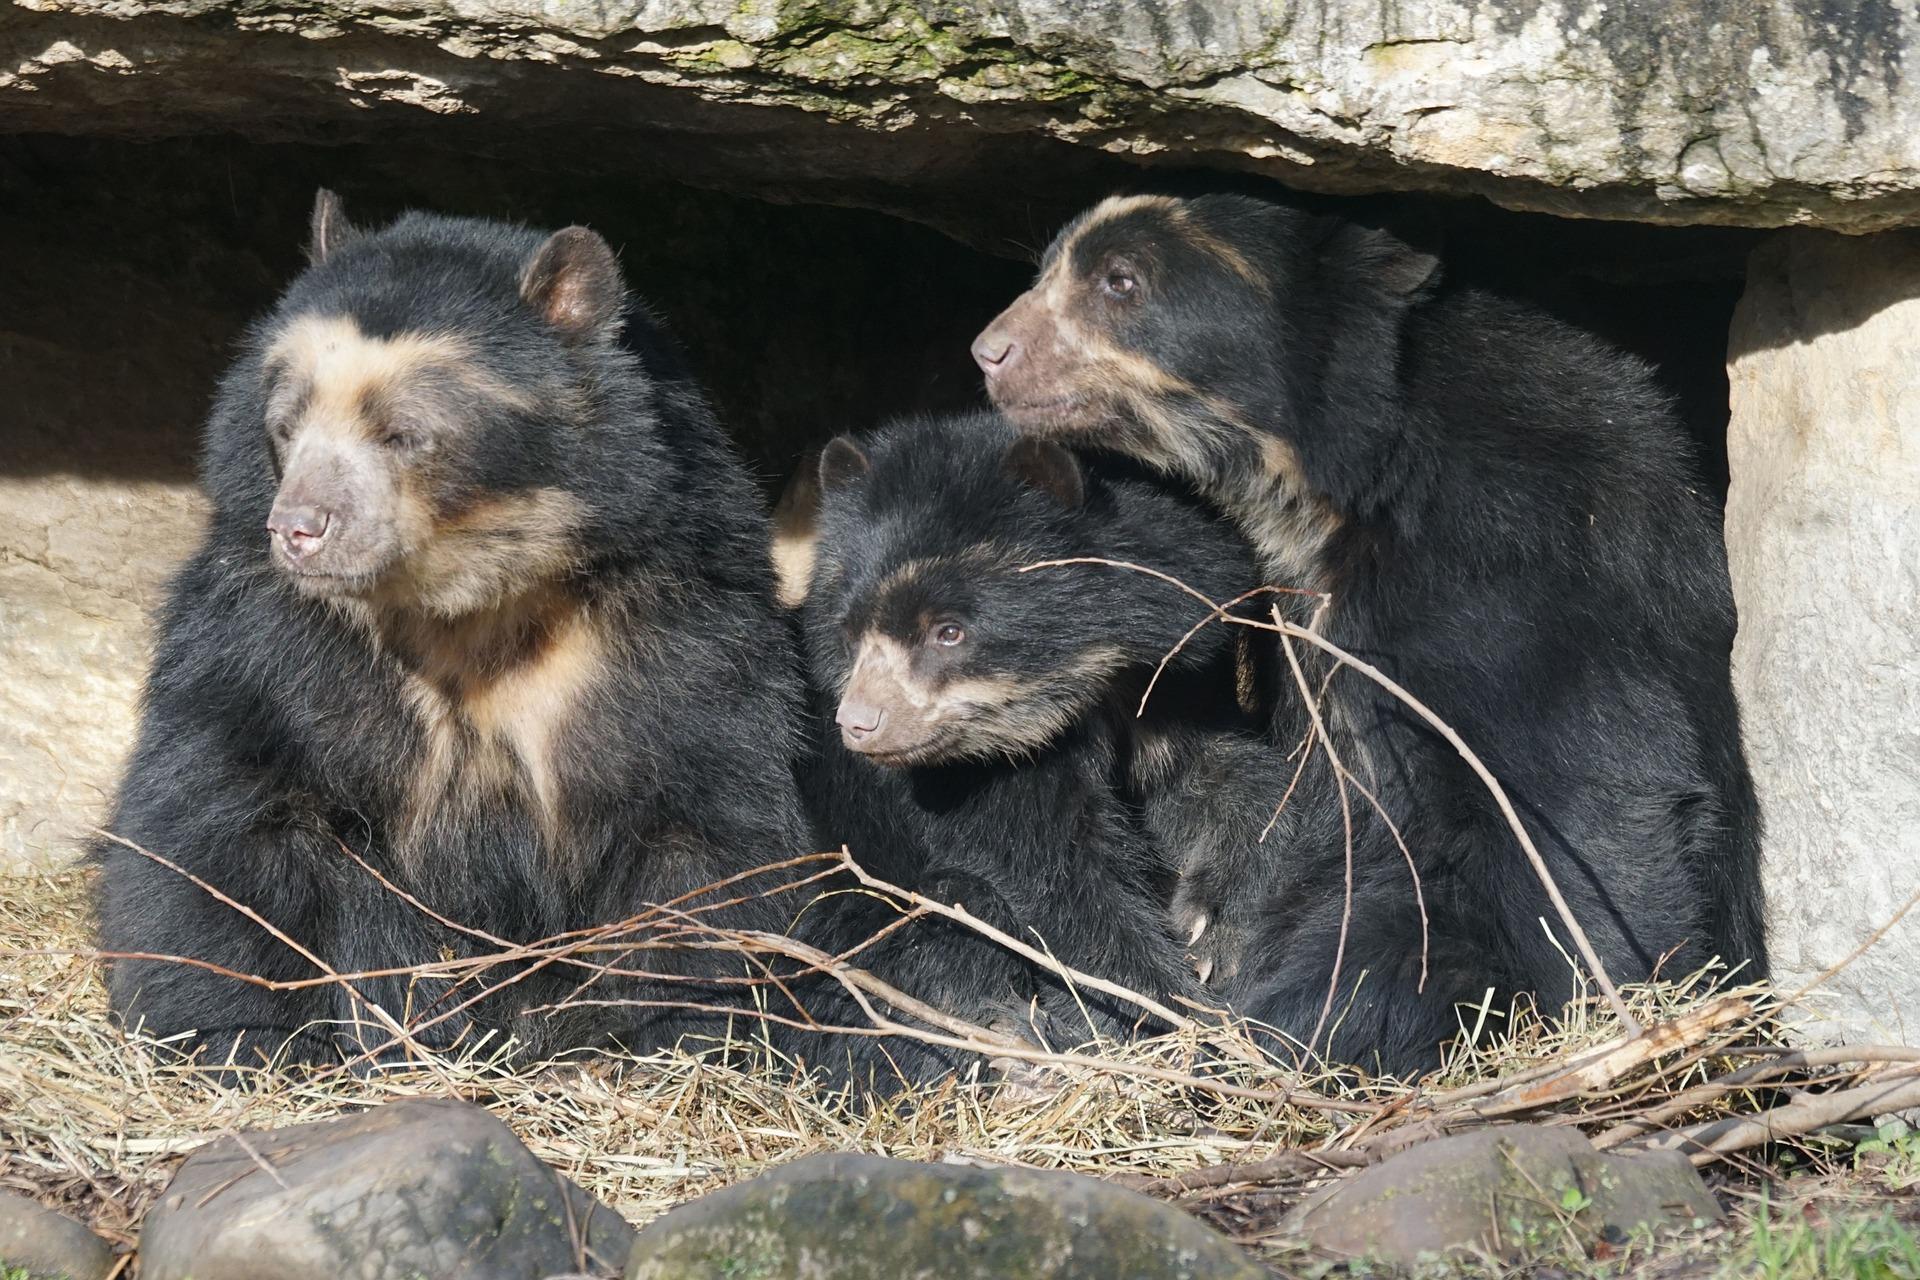 spectacled-bear-857433_1920.jpg